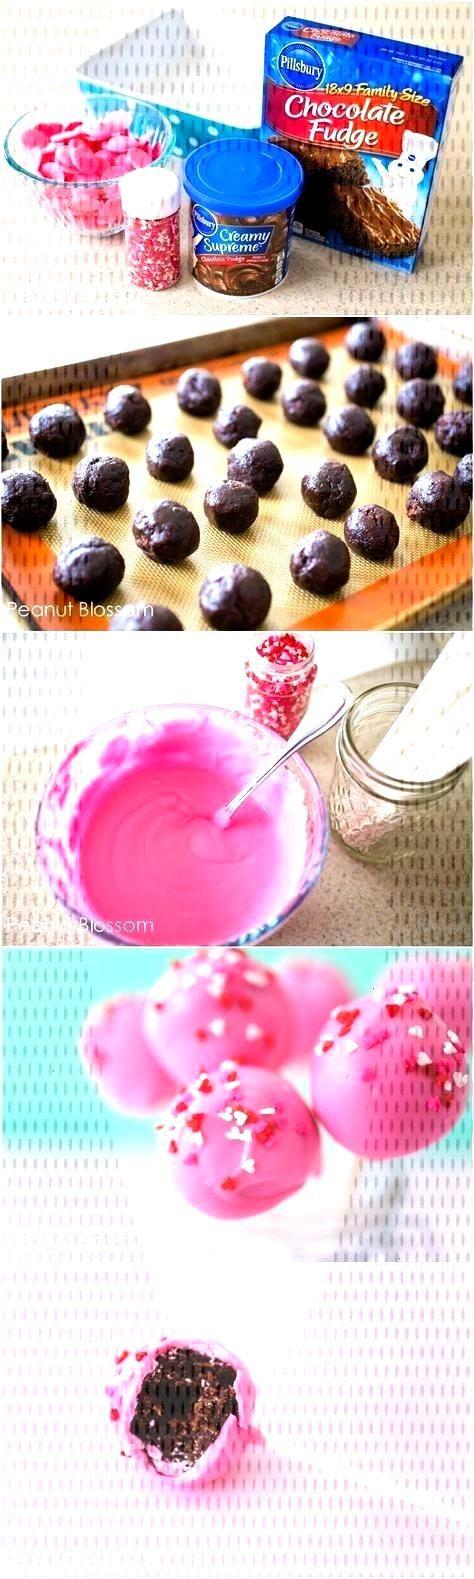 Die einfachste 3-Zutaten-Schokoladenfondant-Torte mit Brownies, damit sie besonders ...  - ??Day -